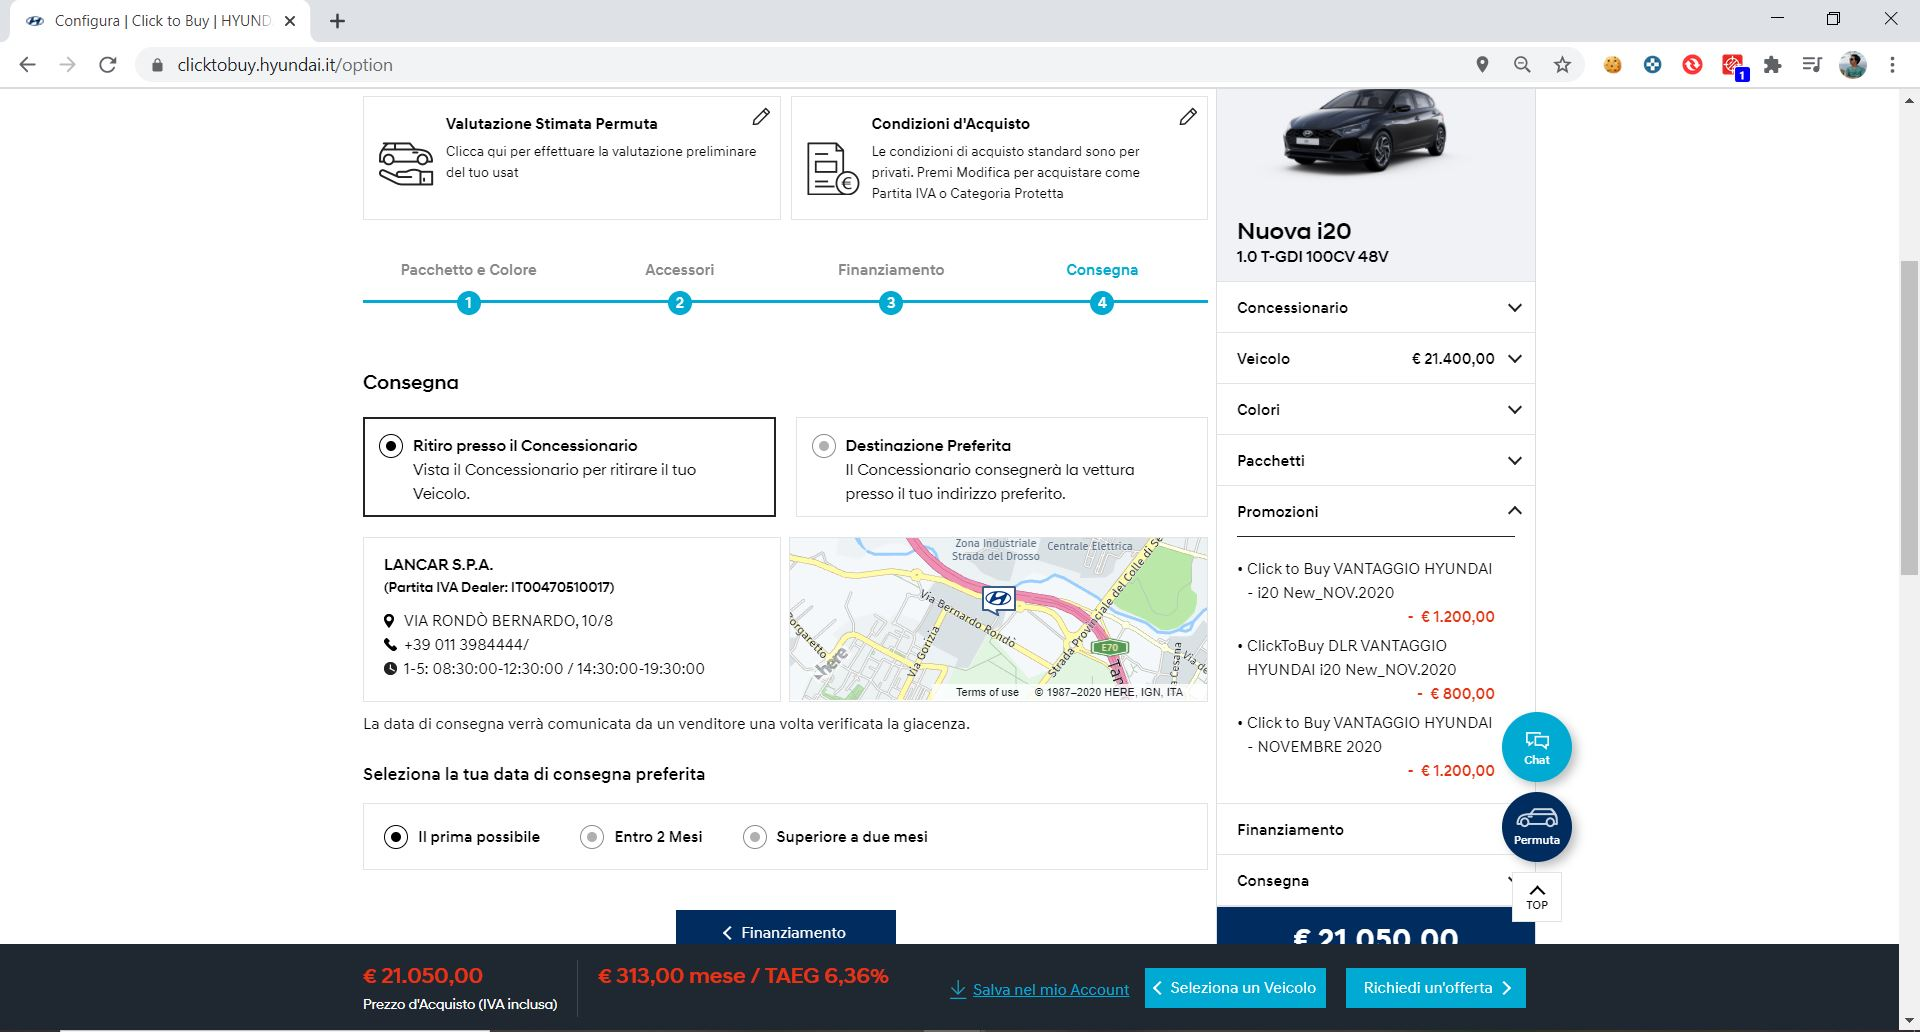 Hyundai click to buy concessionario